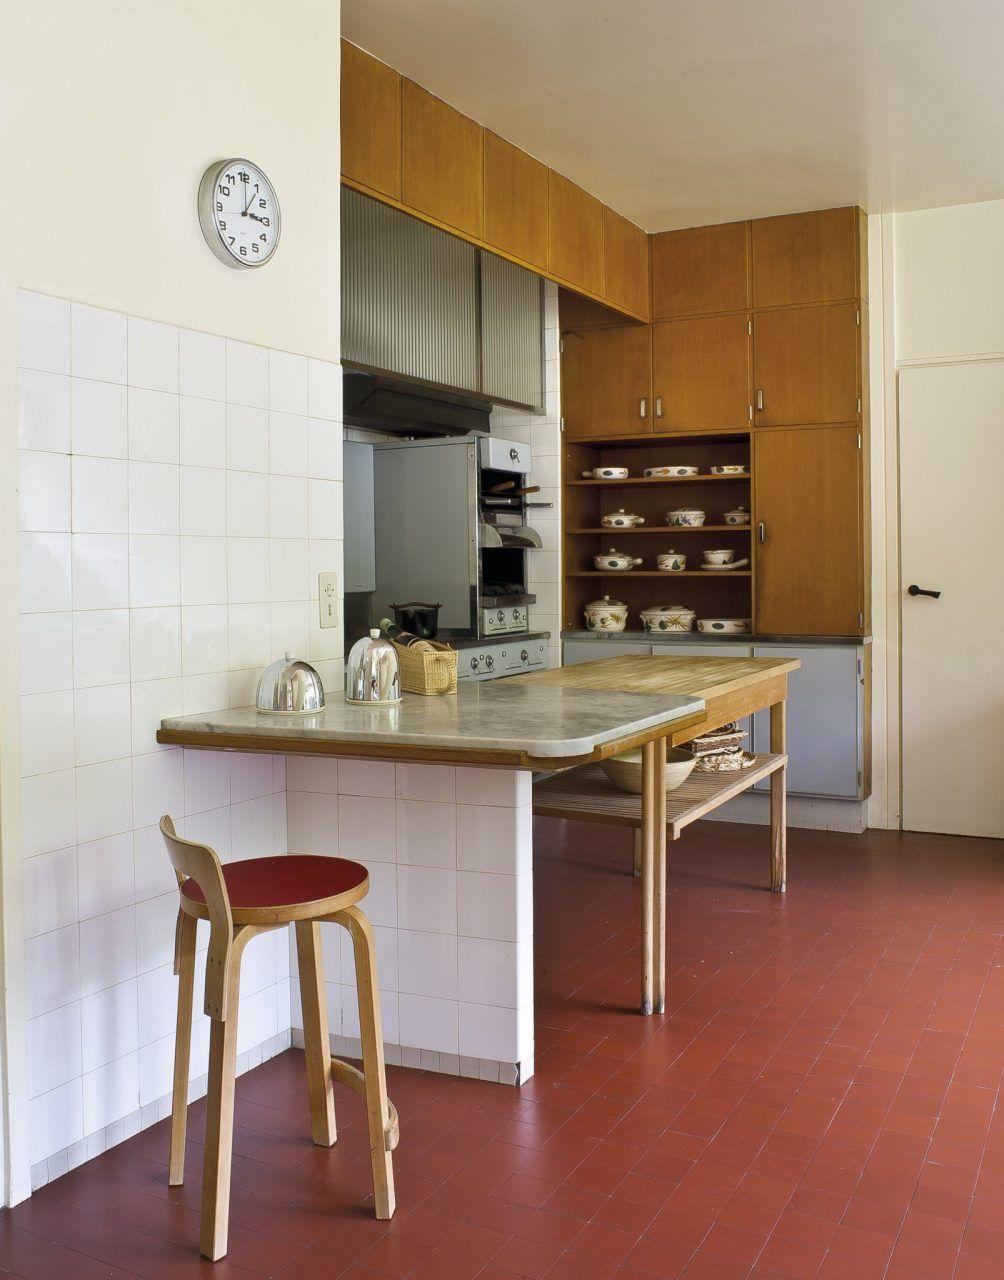 Maison louis carr de alvar aalto in pinterest for Alvar aalto muebles